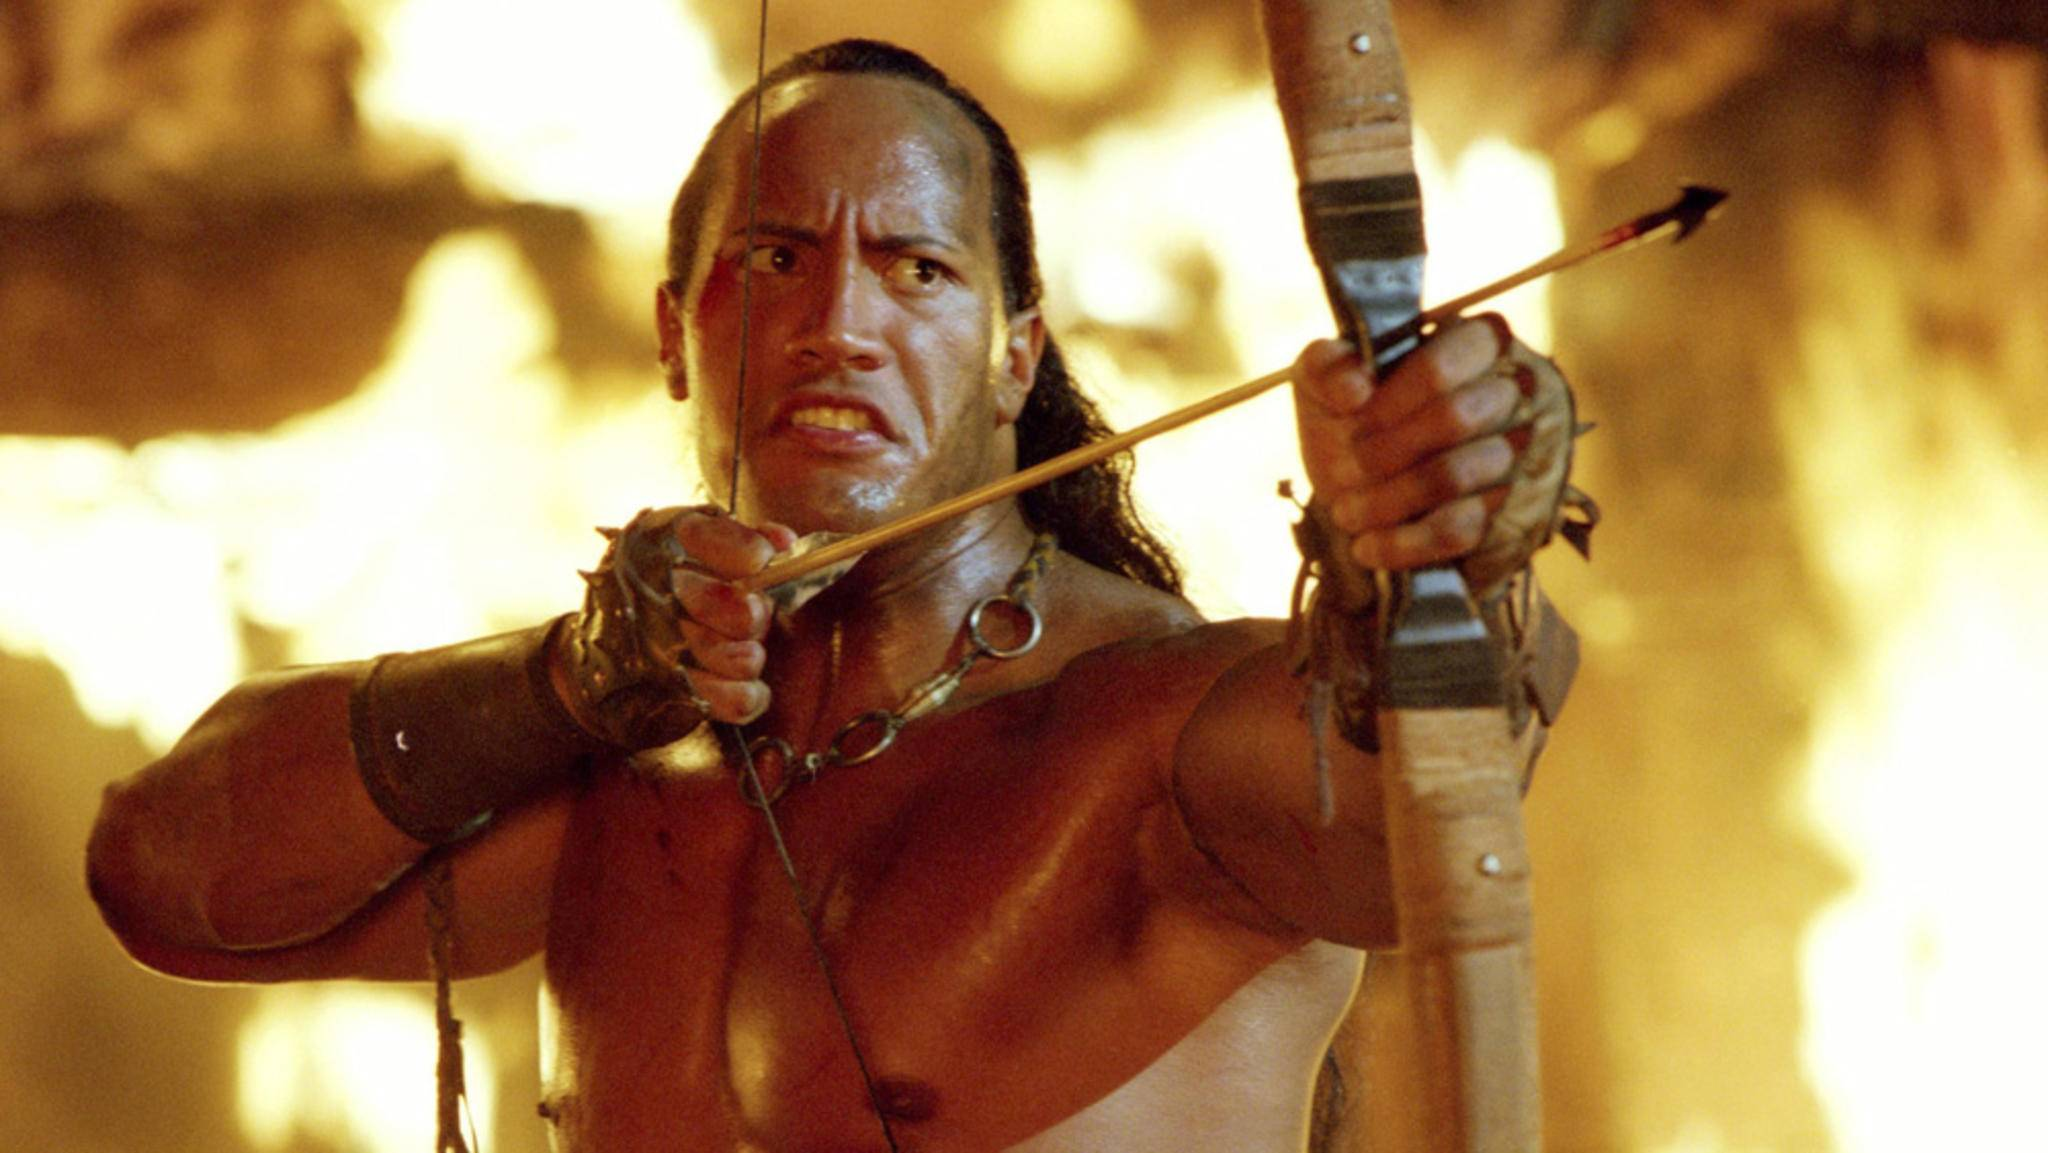 """Aller Anfang war schwer – auch für den heutigen Superstar Dwayne Johnson, der mit """"The Scorpion King"""" wahrlich keinen Volltreffer hinlegte."""